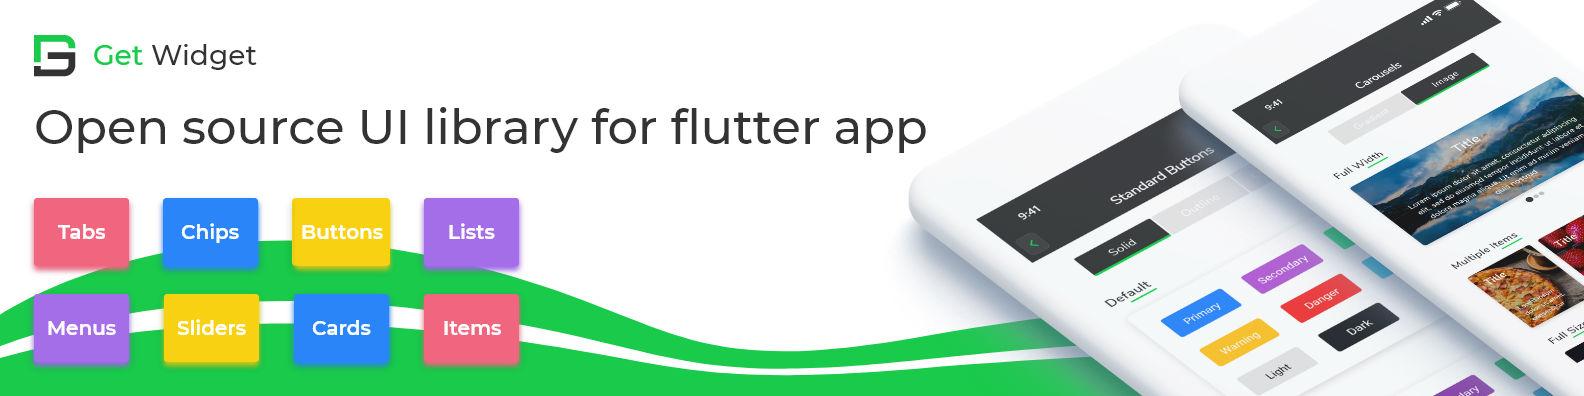 GetWidget - An opensource library for Flutter UI